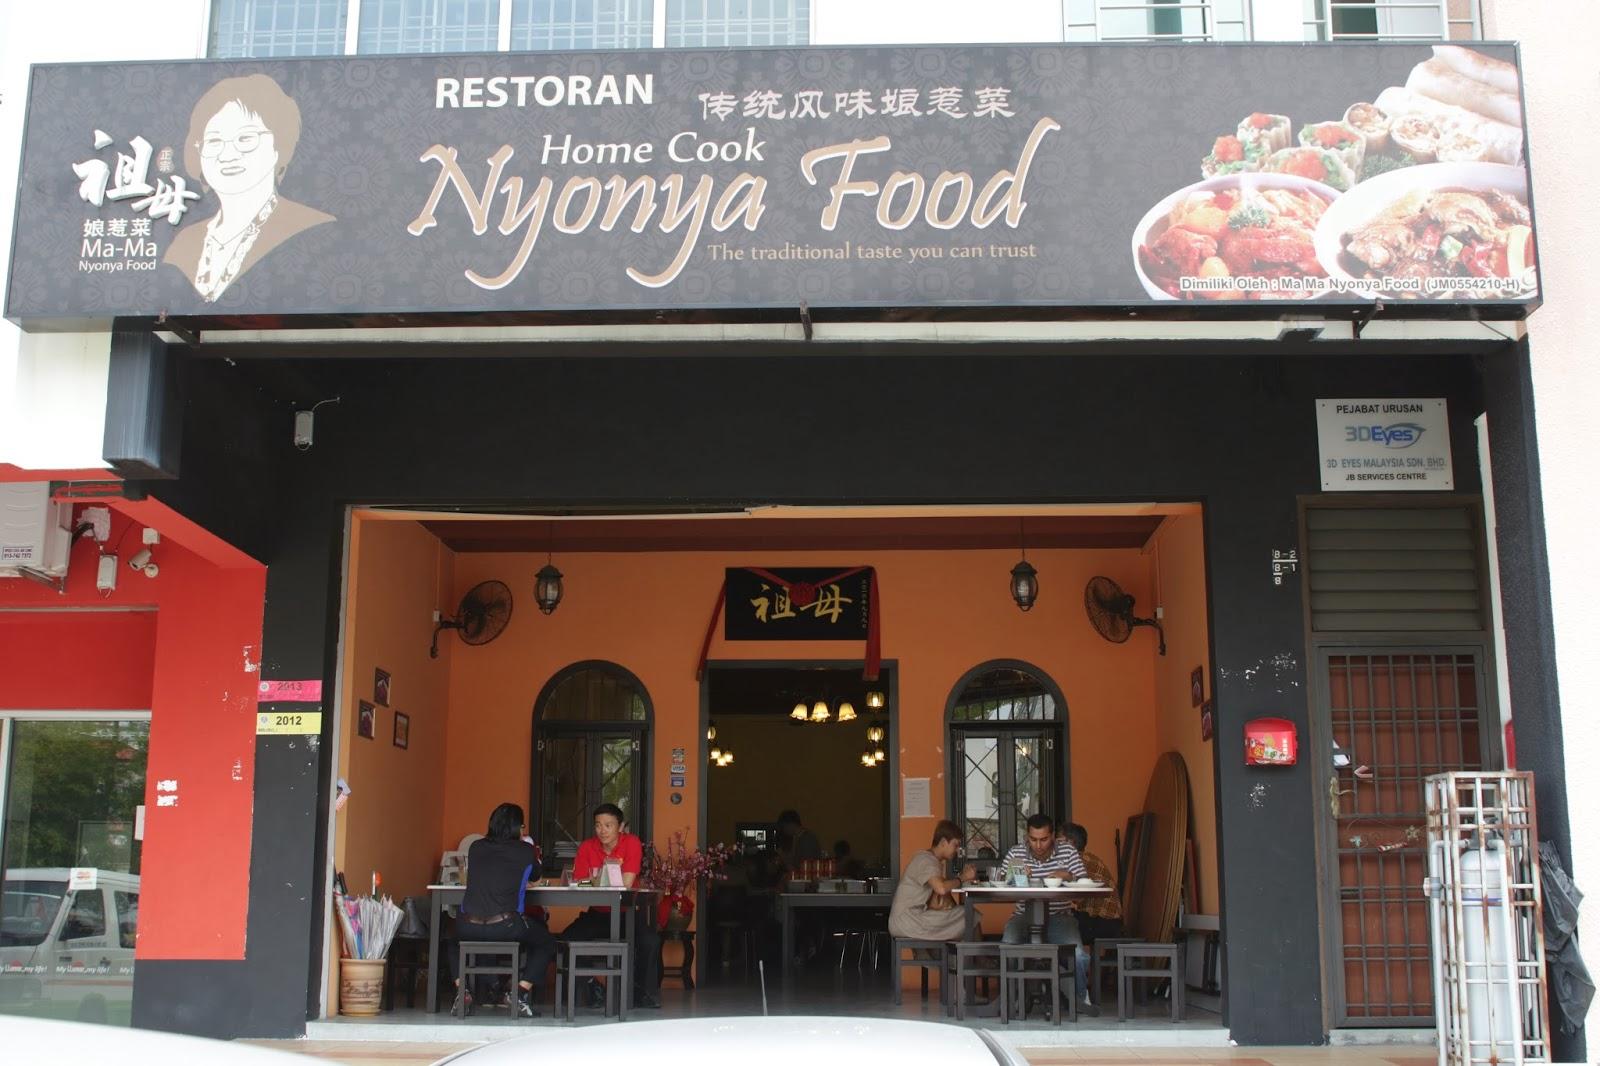 Tempat Makan Yang Wajib Dikunjungi Ketika Kalian ke Kuala Lumpur